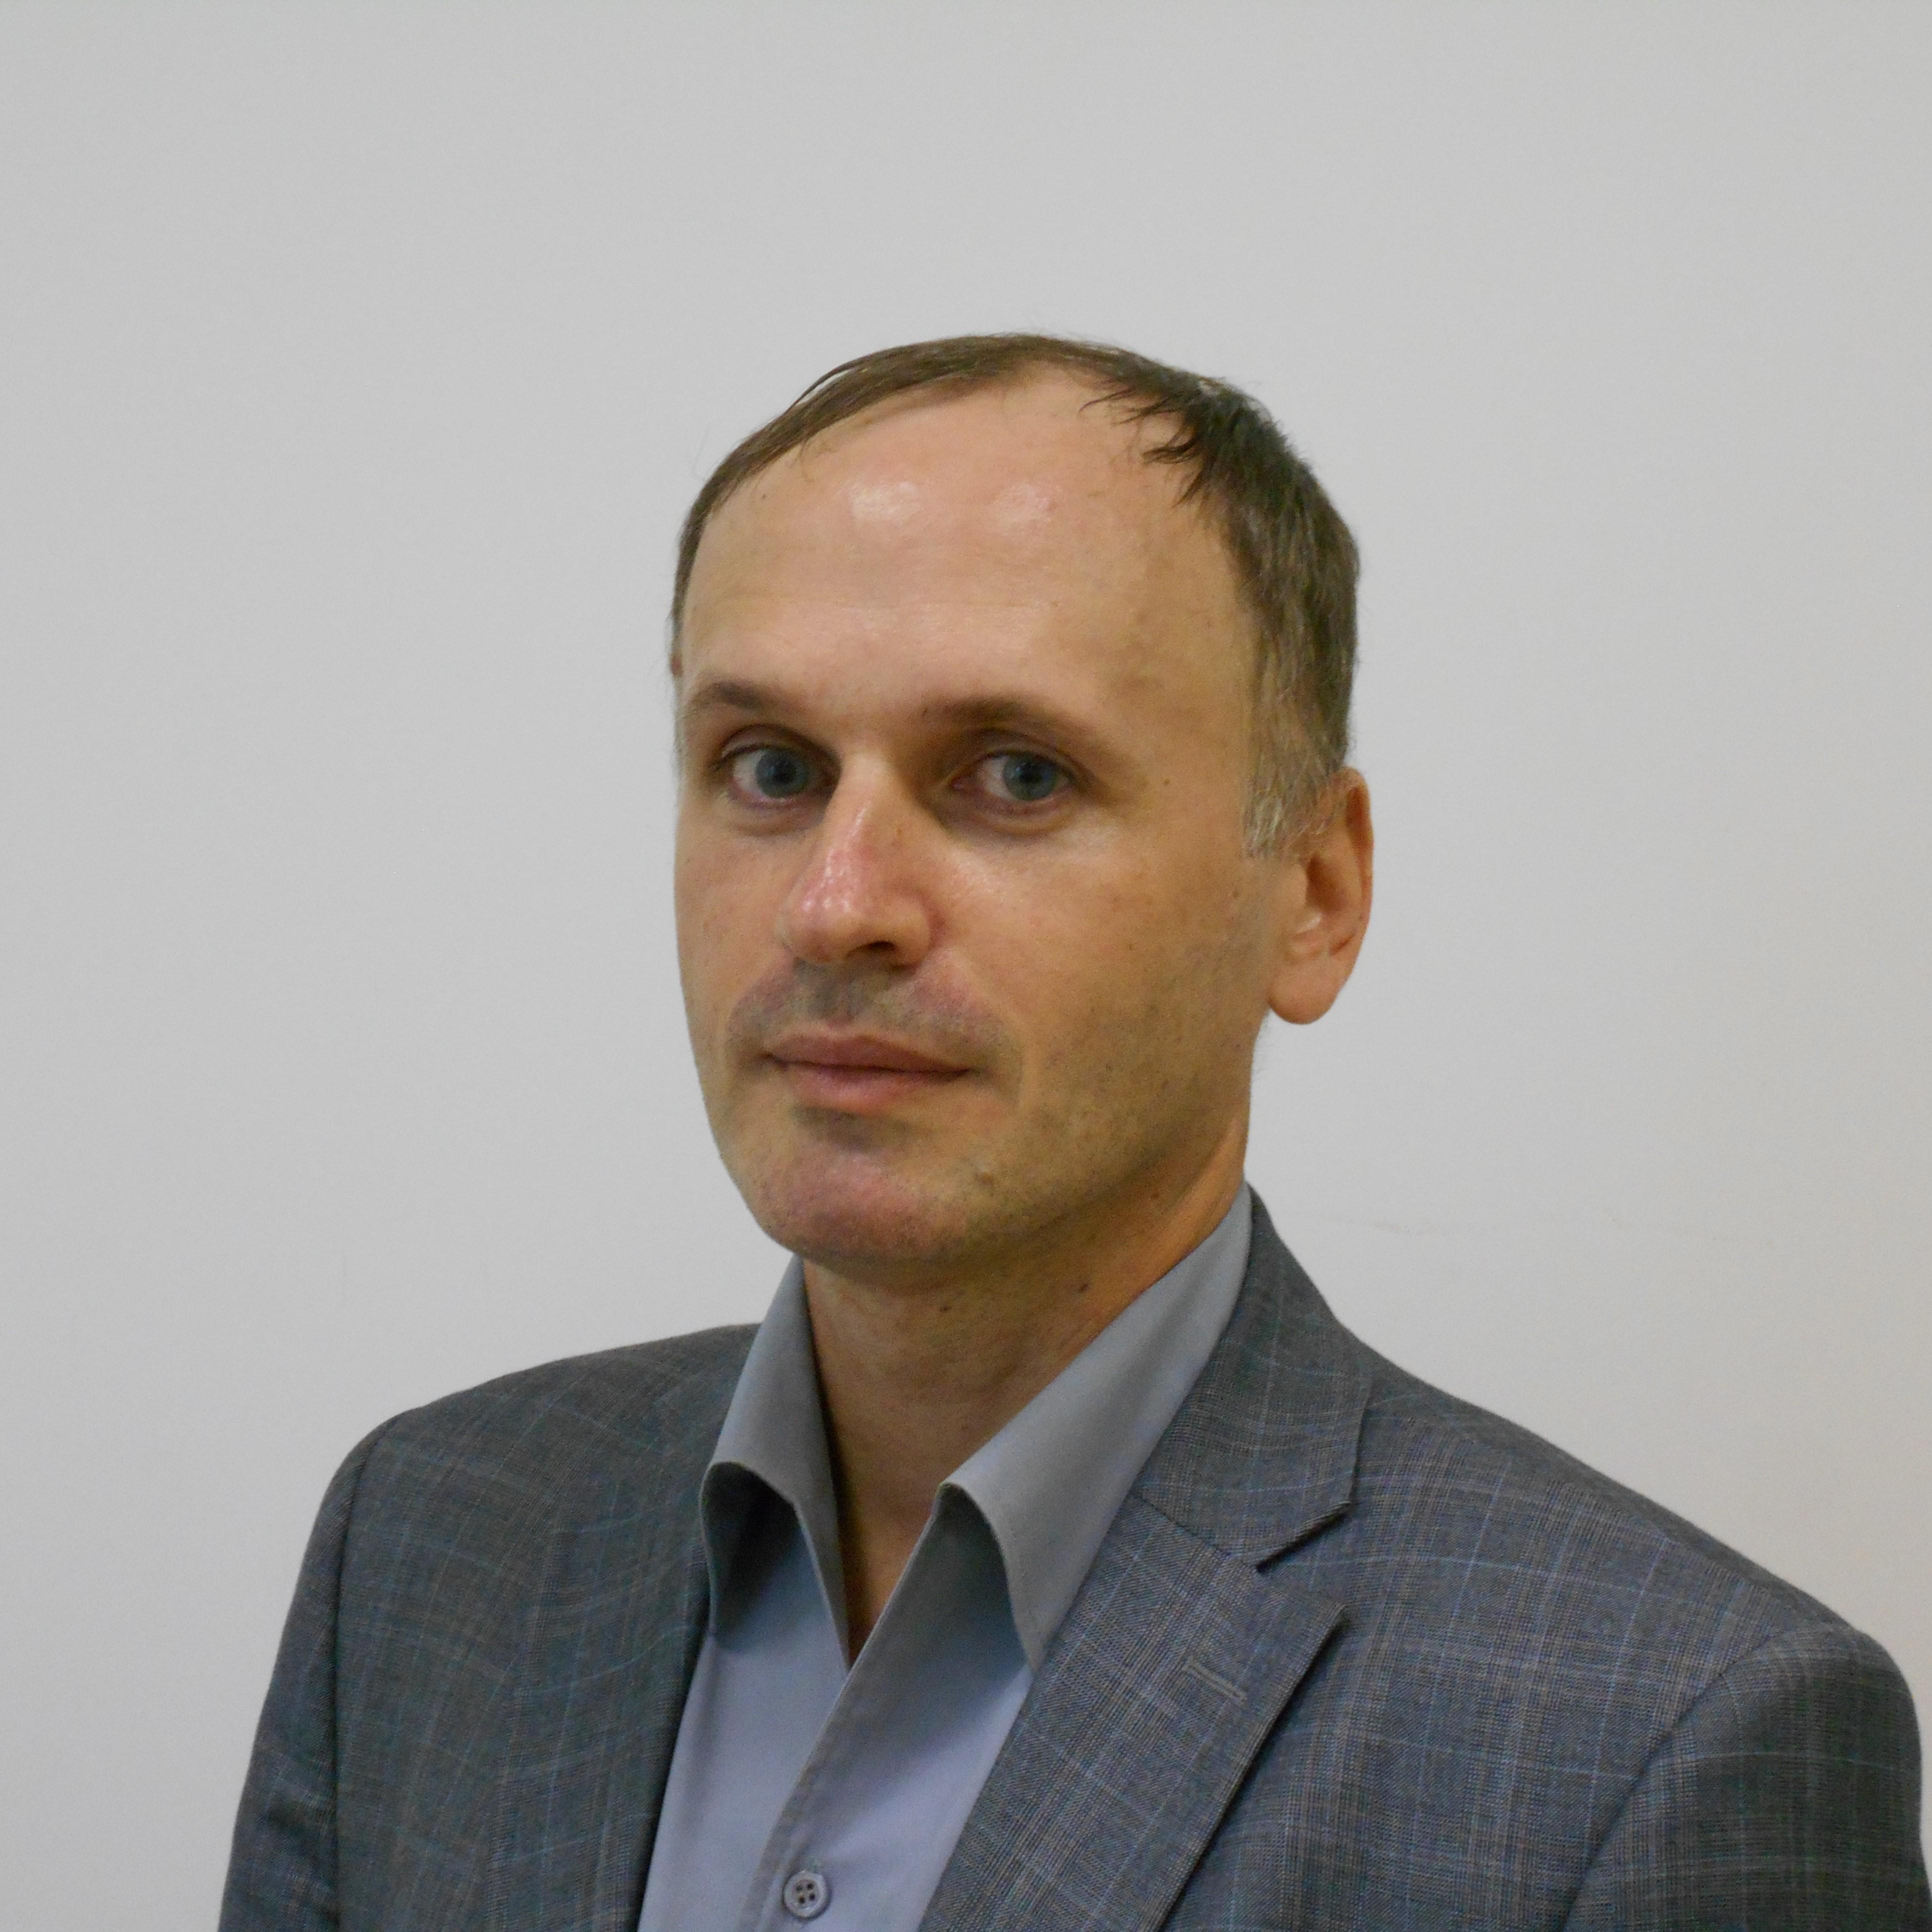 Алисов Евгений Анатольевич